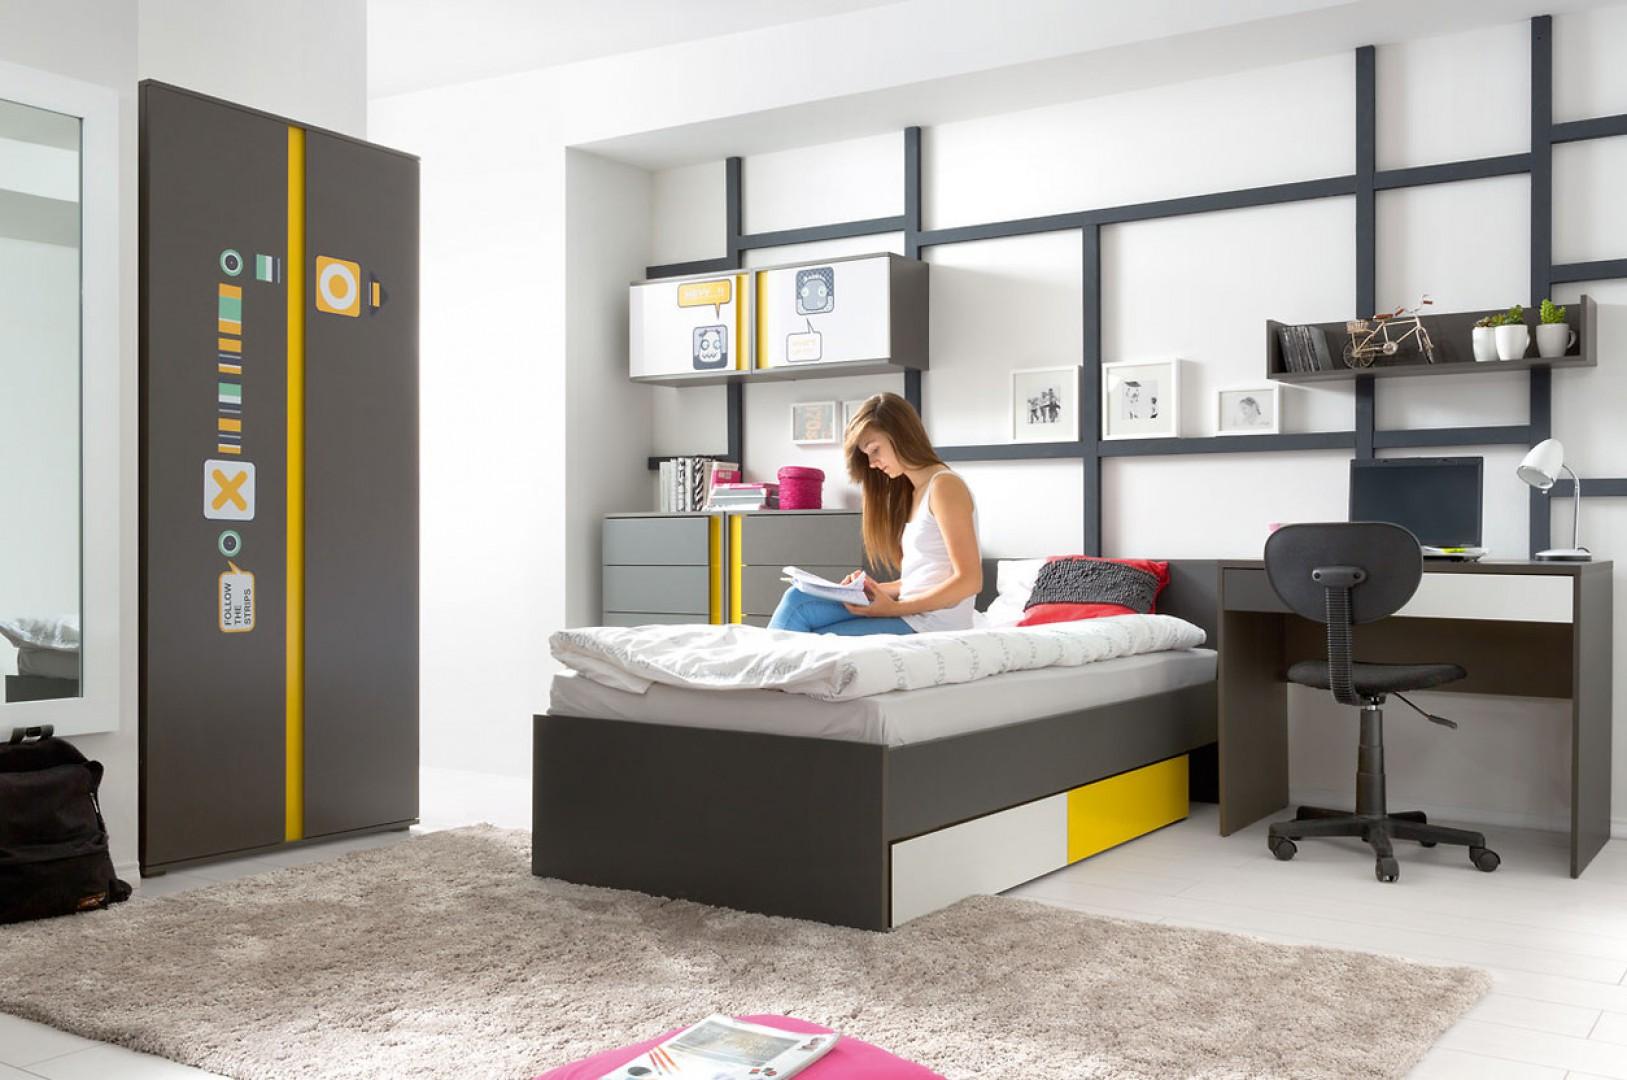 System modułowy Graphic doskonale sprawdzi się w nowoczesnych pokojach dziecięcych i  młodzieżowych. Fot. BRW